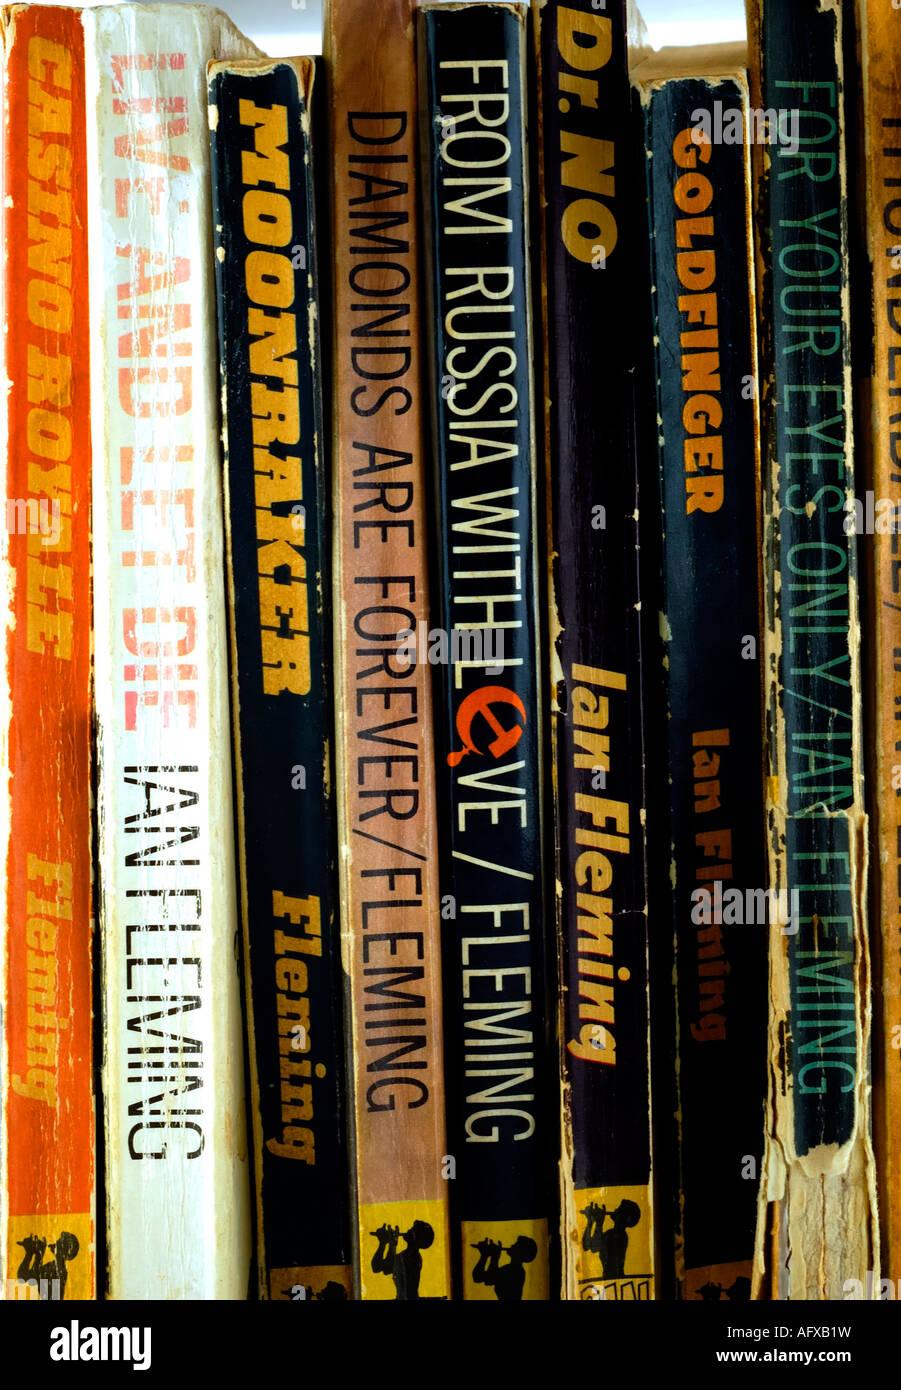 James Bond libros en rústica por Ian Fleming Imagen De Stock